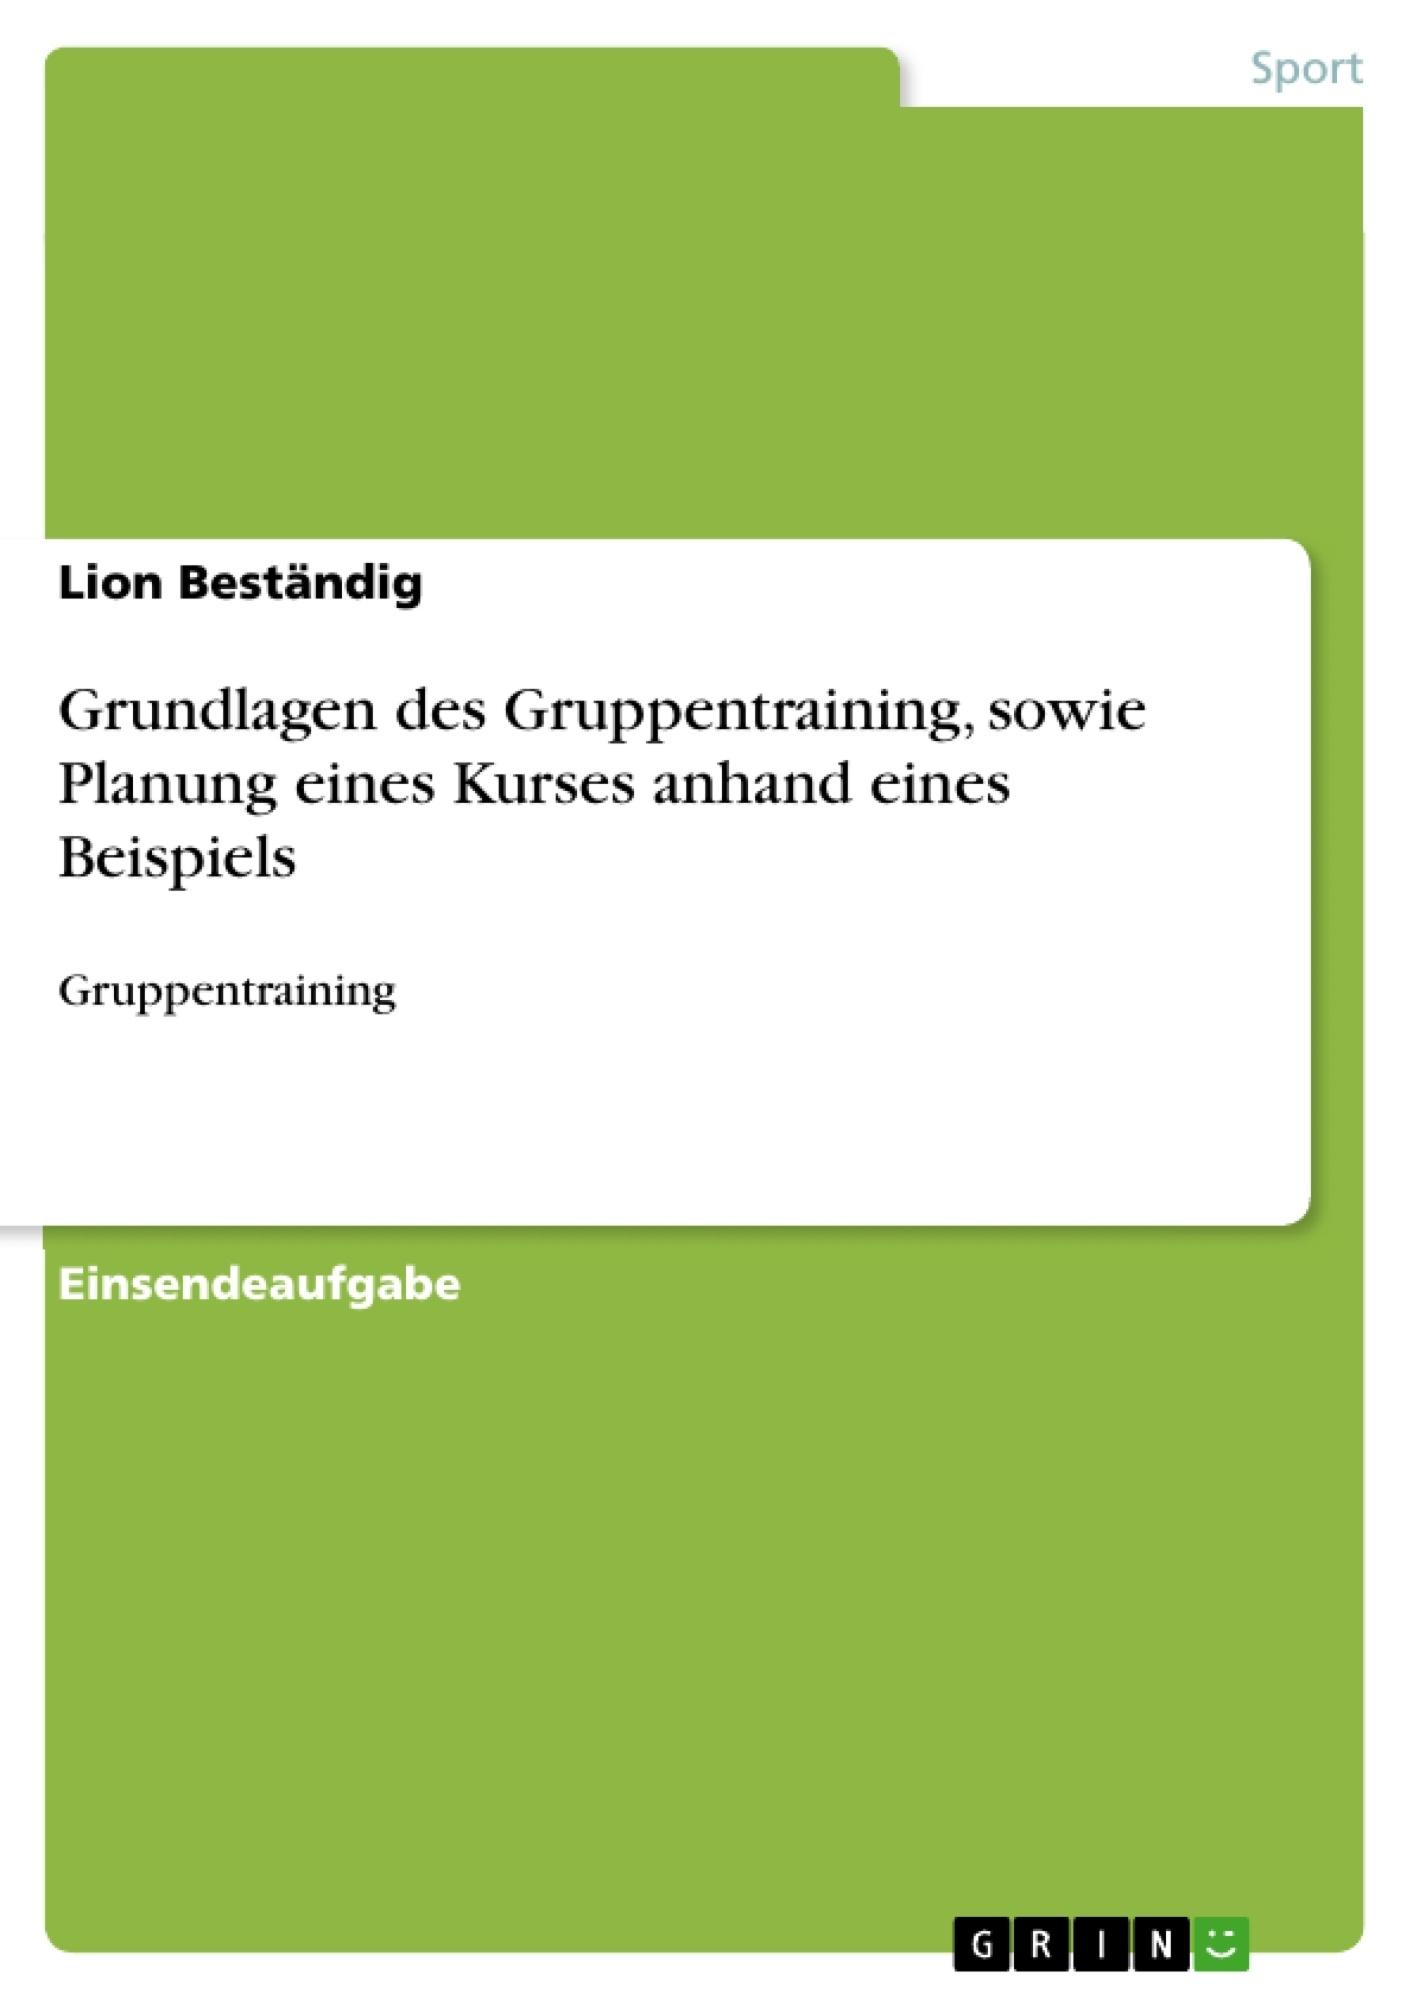 Titel: Grundlagen des Gruppentraining, sowie Planung eines Kurses anhand eines Beispiels